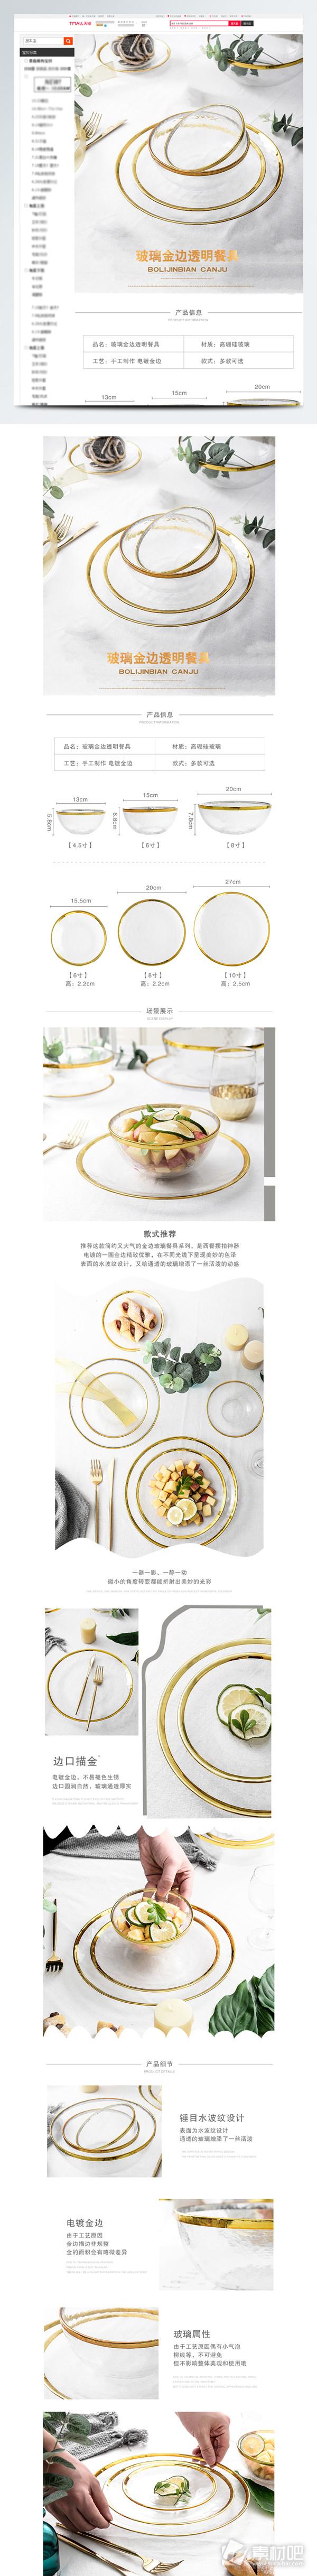 日用餐具简约新颖详情页模版